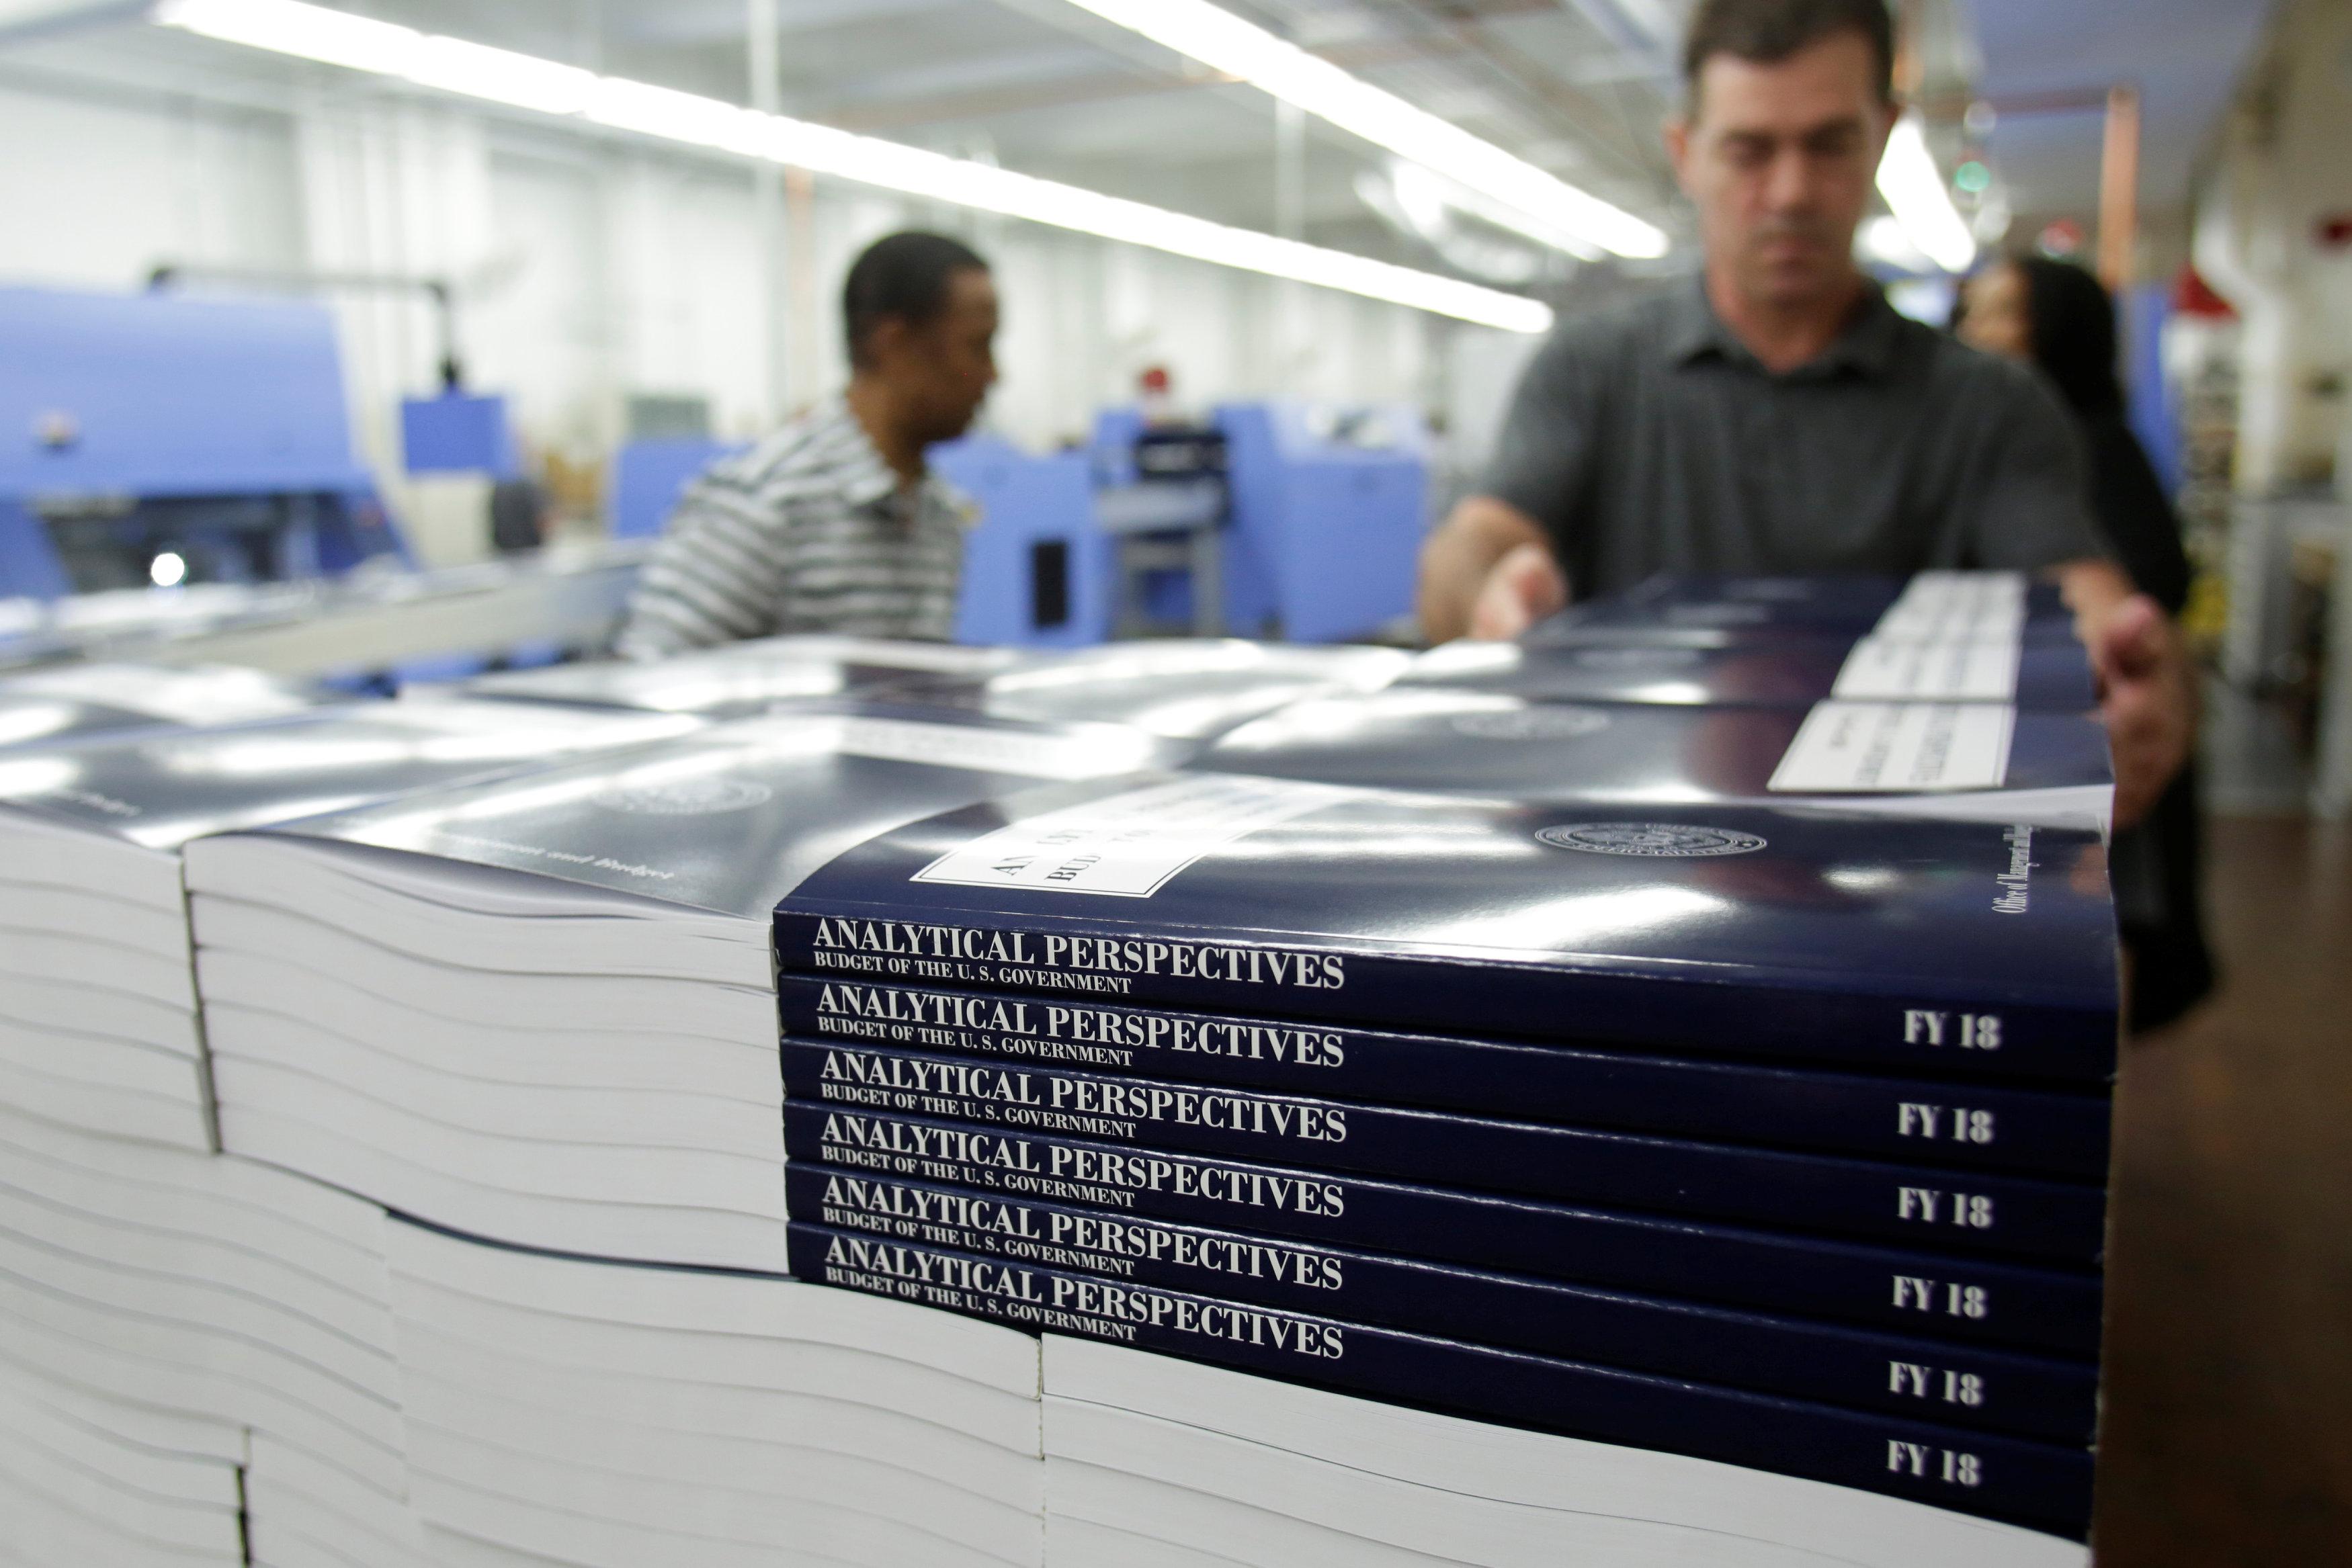 كتاب الميزانية المالية بعد الطباعة